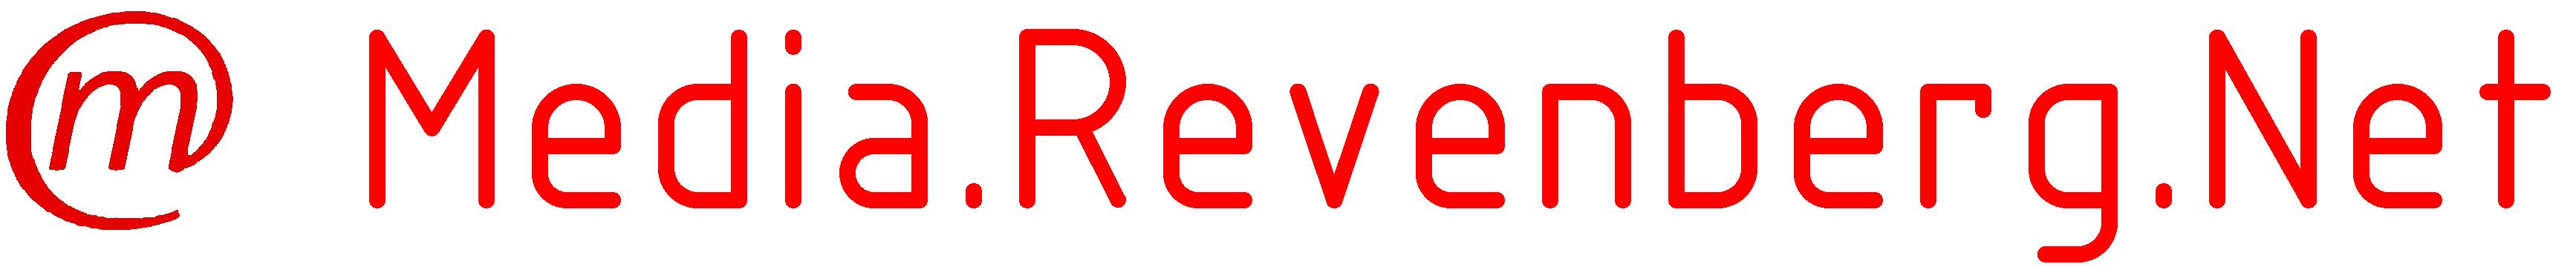 Media.Revenberg.Net